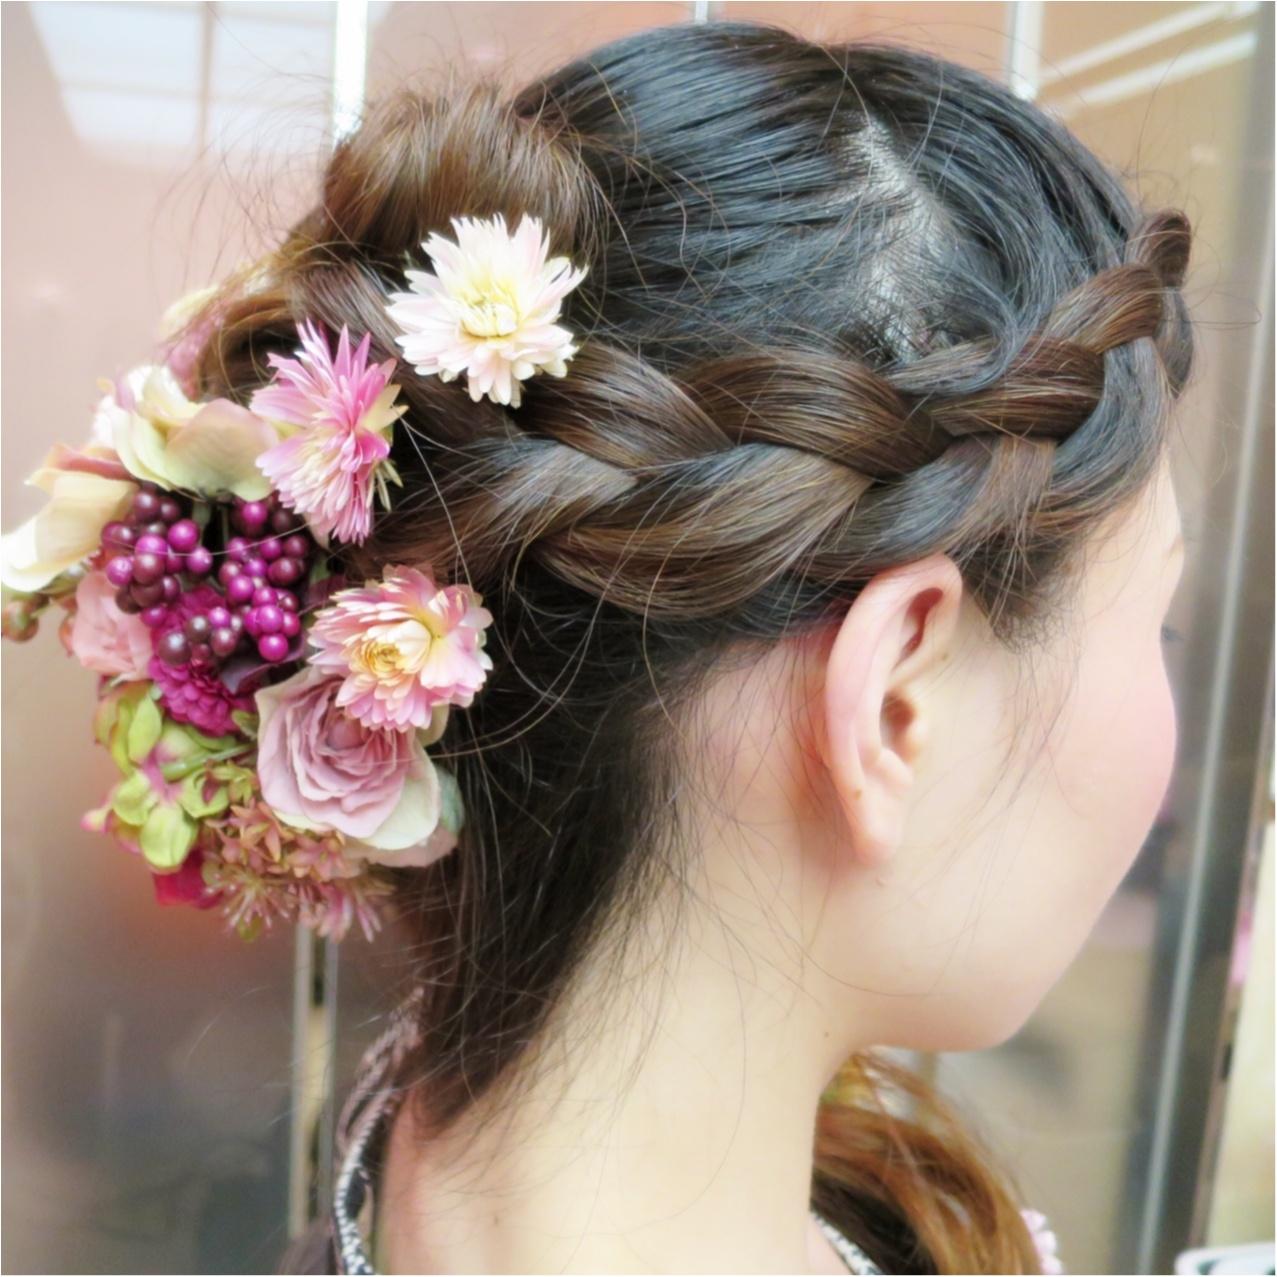 【Wedding】私のヘアスタイル♡ かわいいお花でラプンツェルみたいに♪  結婚式で後悔しないようにしておくべきこと *_1